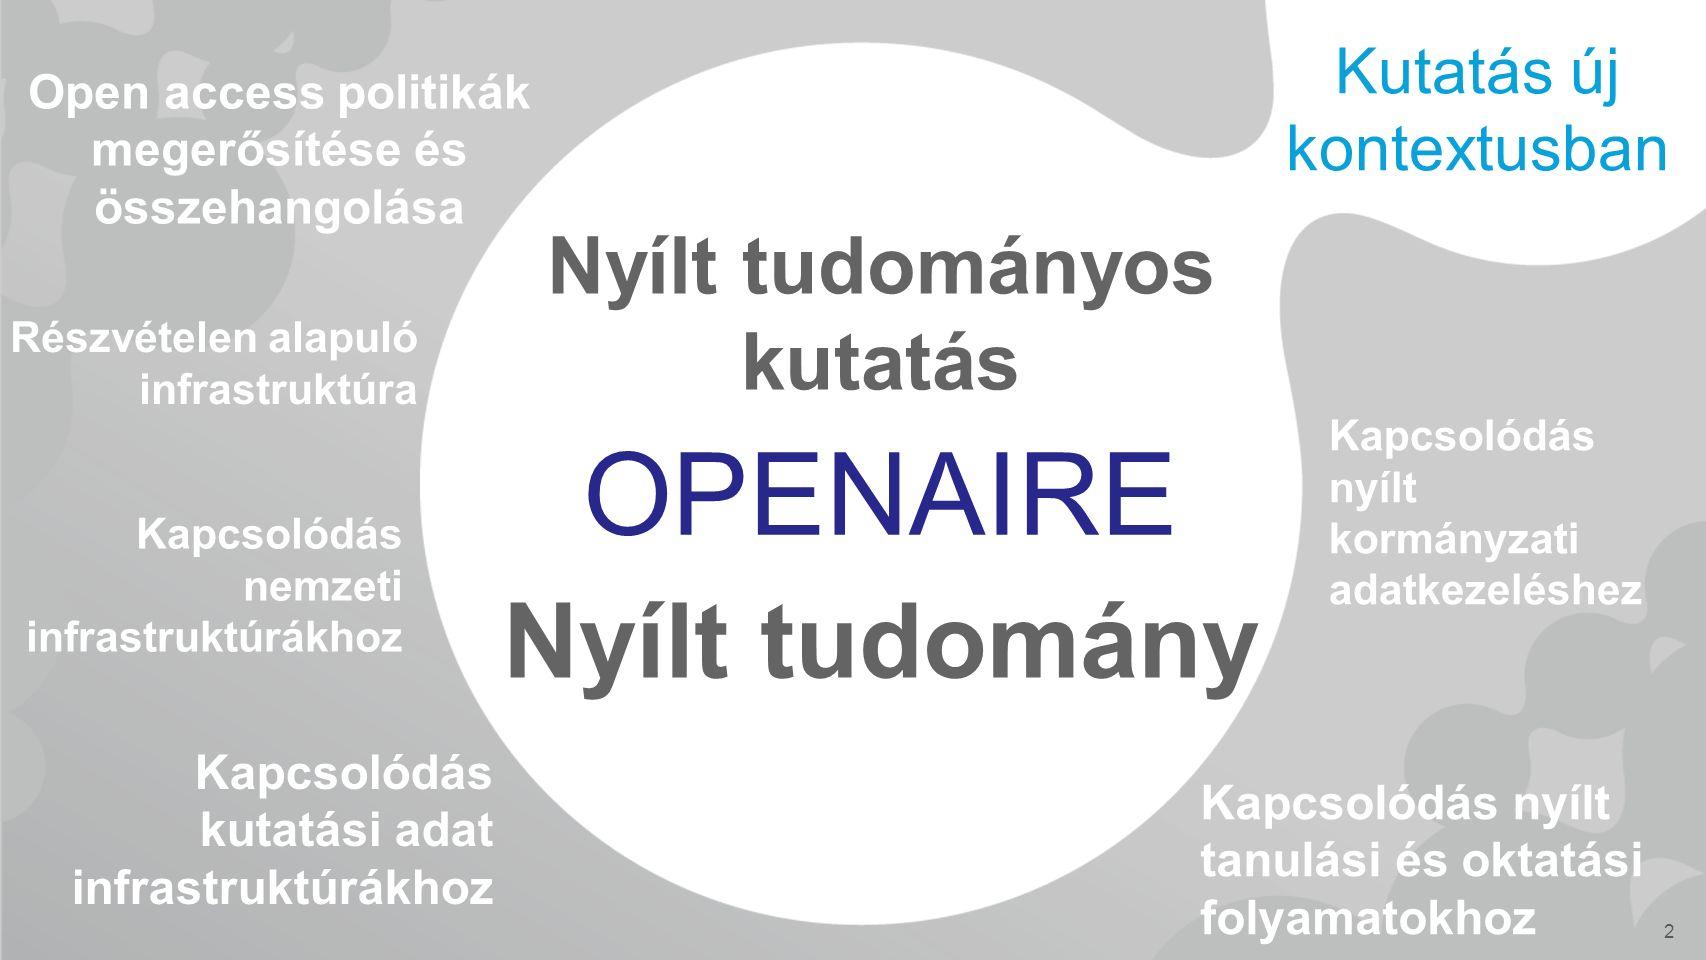 Résztvevők Projekt sorozat OpenAIRE OpenAIREplus OpenAIRE2020 Jogi személyiség (2016) 50 partner konzorciuma Az open access politikák és infrastruktúrák intézményi, nemzeti és nemzetközi szemszögből Open Access szakértők Hatékony e-infrastruktúra kiépítése Legmodernebb technológiák feltérképezése (big data, kapcsolt adatok) IT szakemberek Jogi javaslatok Jogi szakértők Adatkezelési elvek Kapcsolódás kutatási adathálózatokhoz Adat közösségek 3